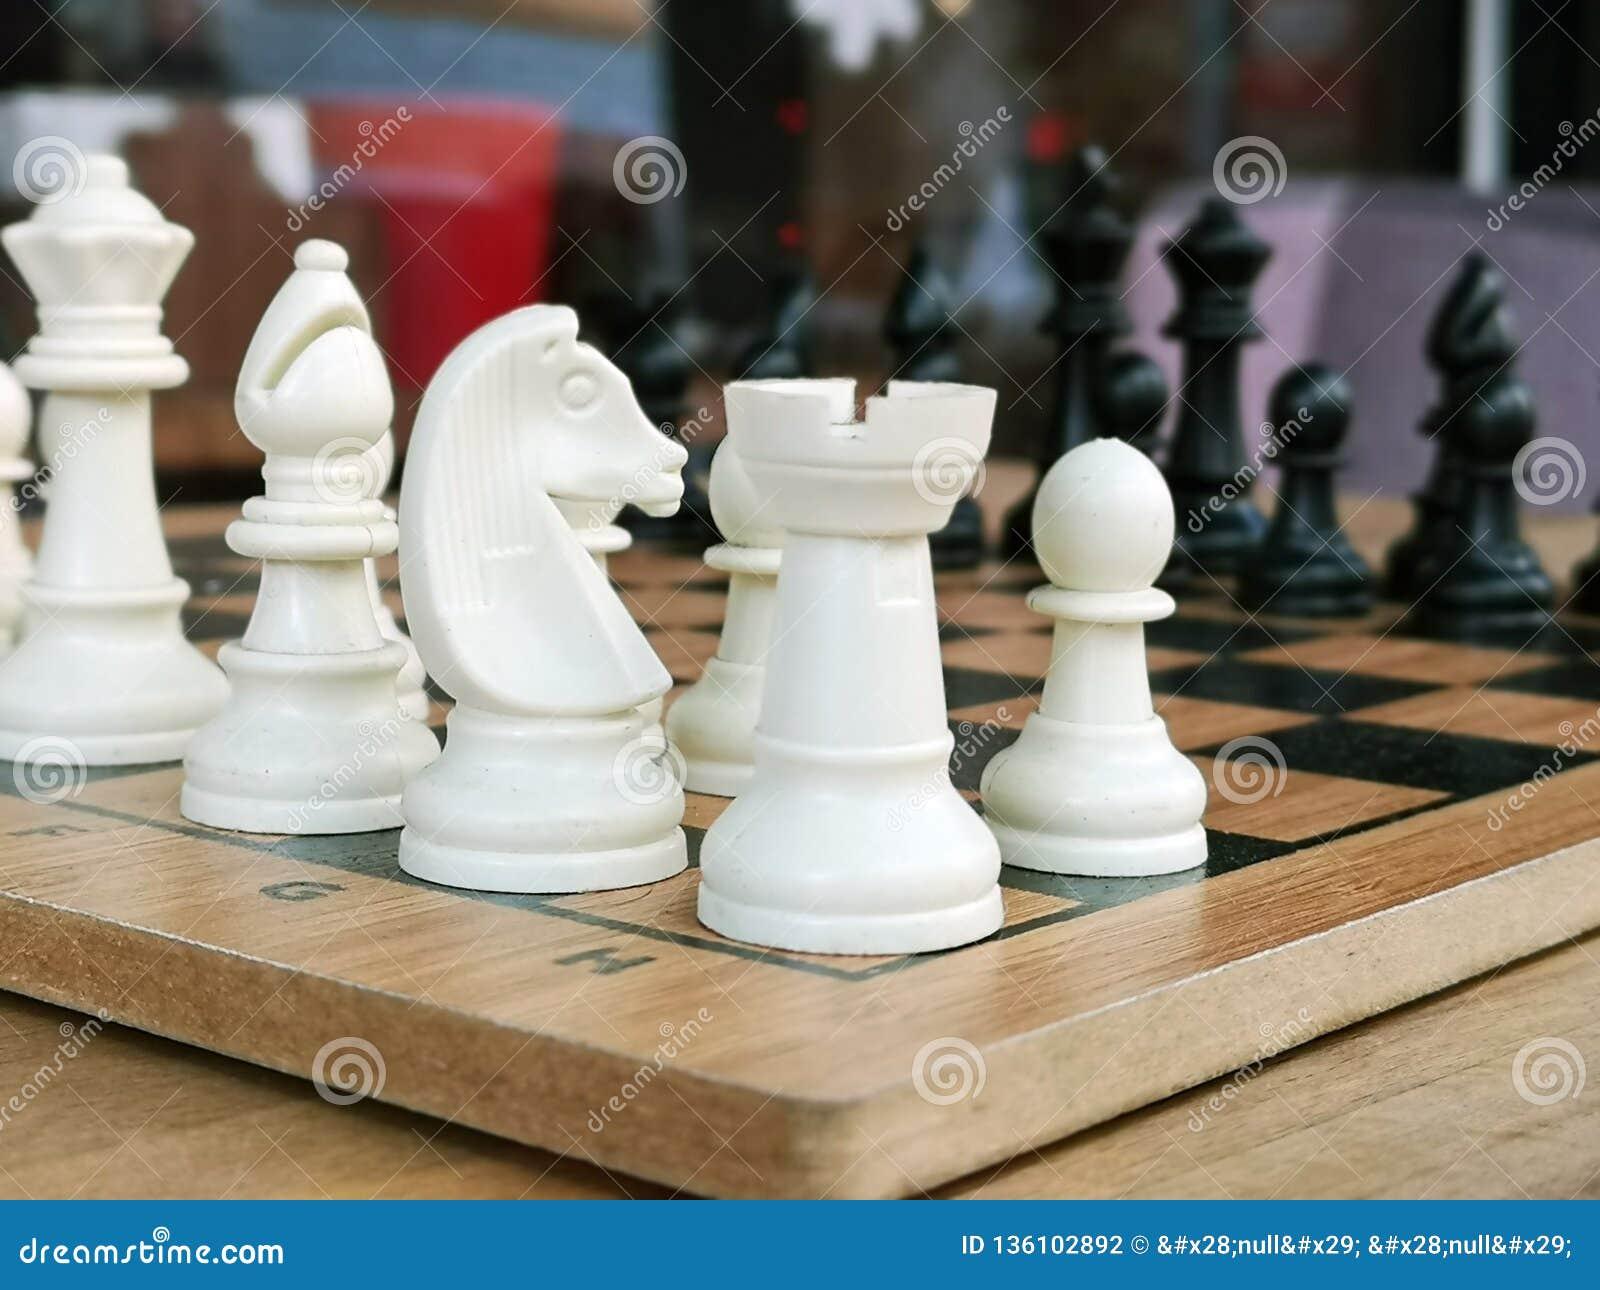 Το σκάκι είναι ένα δημοφιλές αρχαίο ανταγωνιστικό παιχνίδι λογικής πινάκων με τα ειδικά γραπτά κομμάτια, σε έναν πίνακα κυττάρων